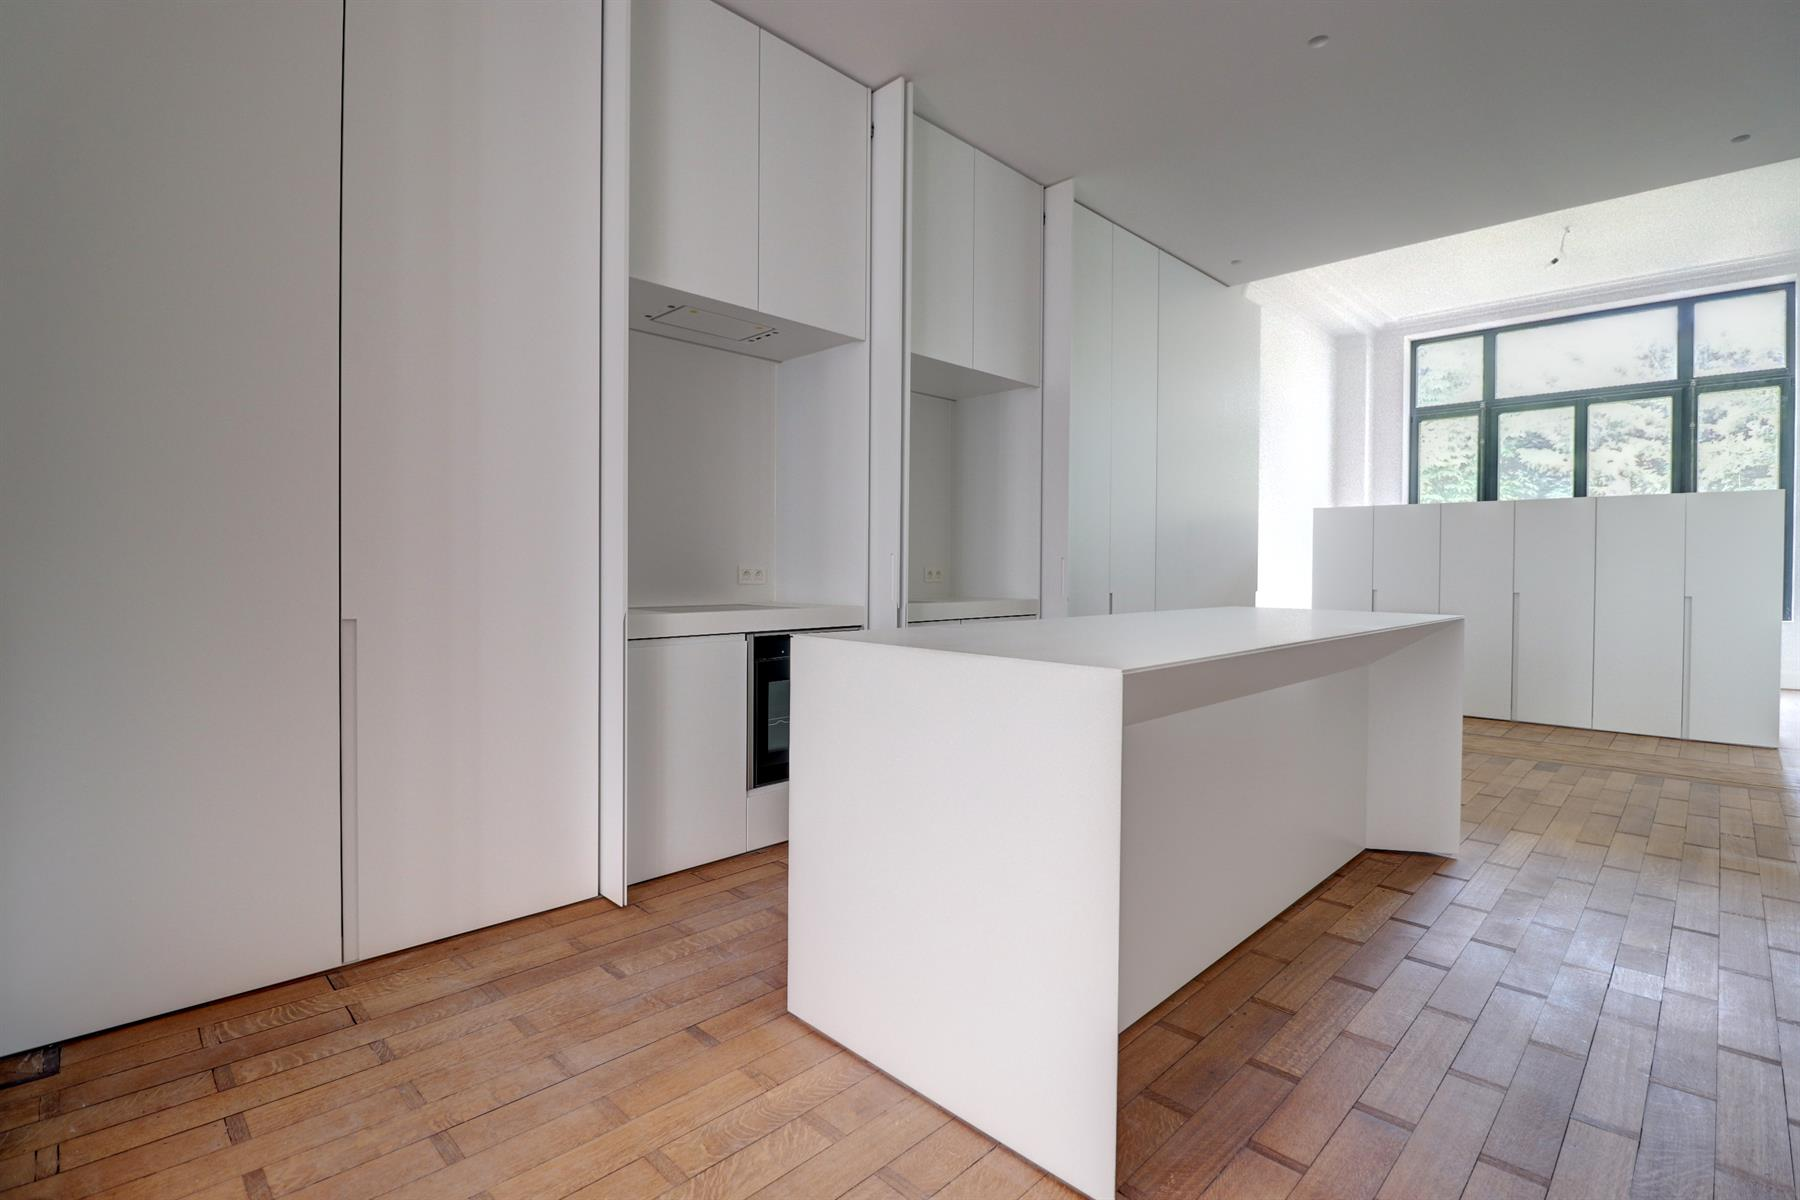 Flat - Ixelles - #4091403-7